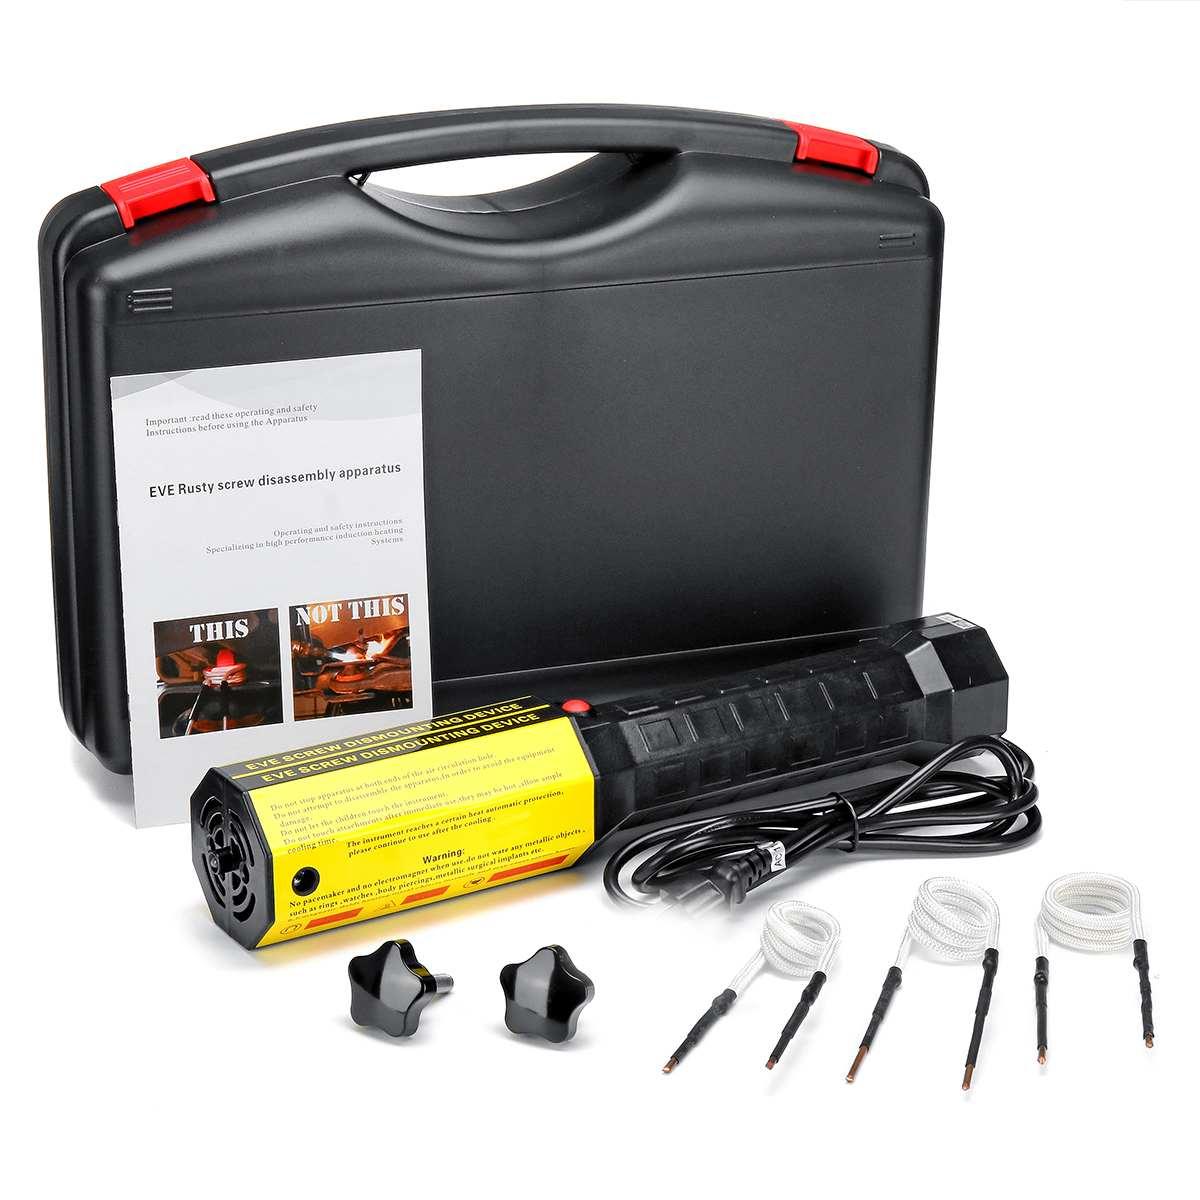 Aquecedor De Indução magnética Calor Especial do Parafuso Parafuso Desmontagem Ferramenta 220 V/110 V Aquecedor de Indução De Aquecimento Kit de Reparo Do Carro ferramenta